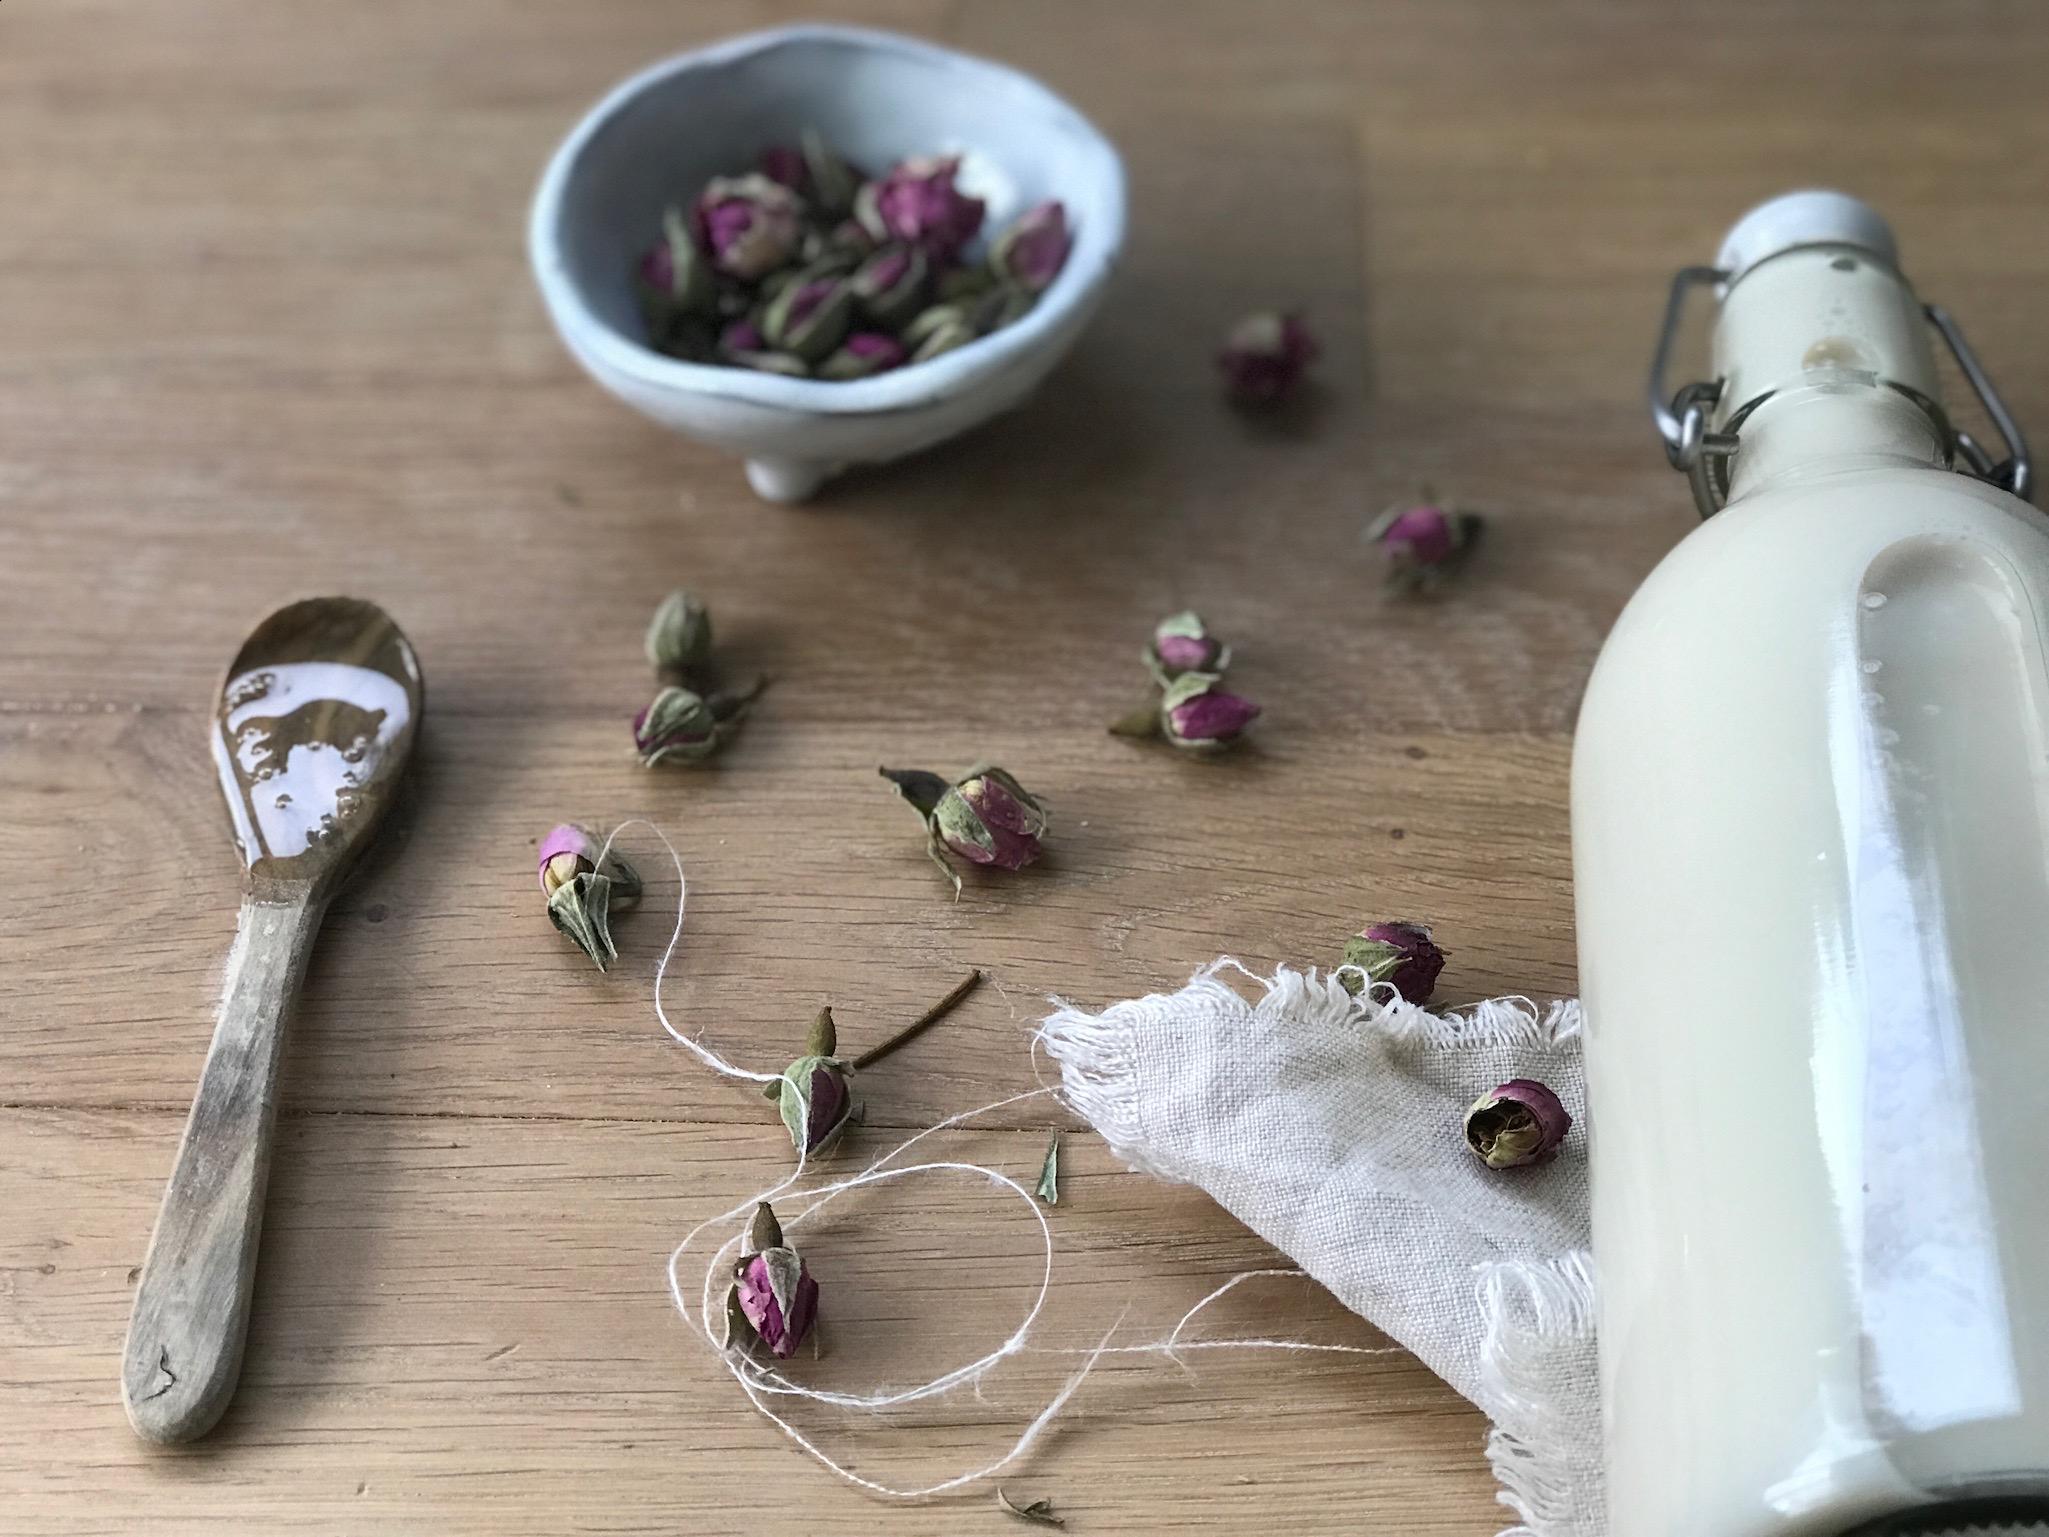 Wohlfühlritual mit selbstgemachten Milchbad und endspannungs Tipps